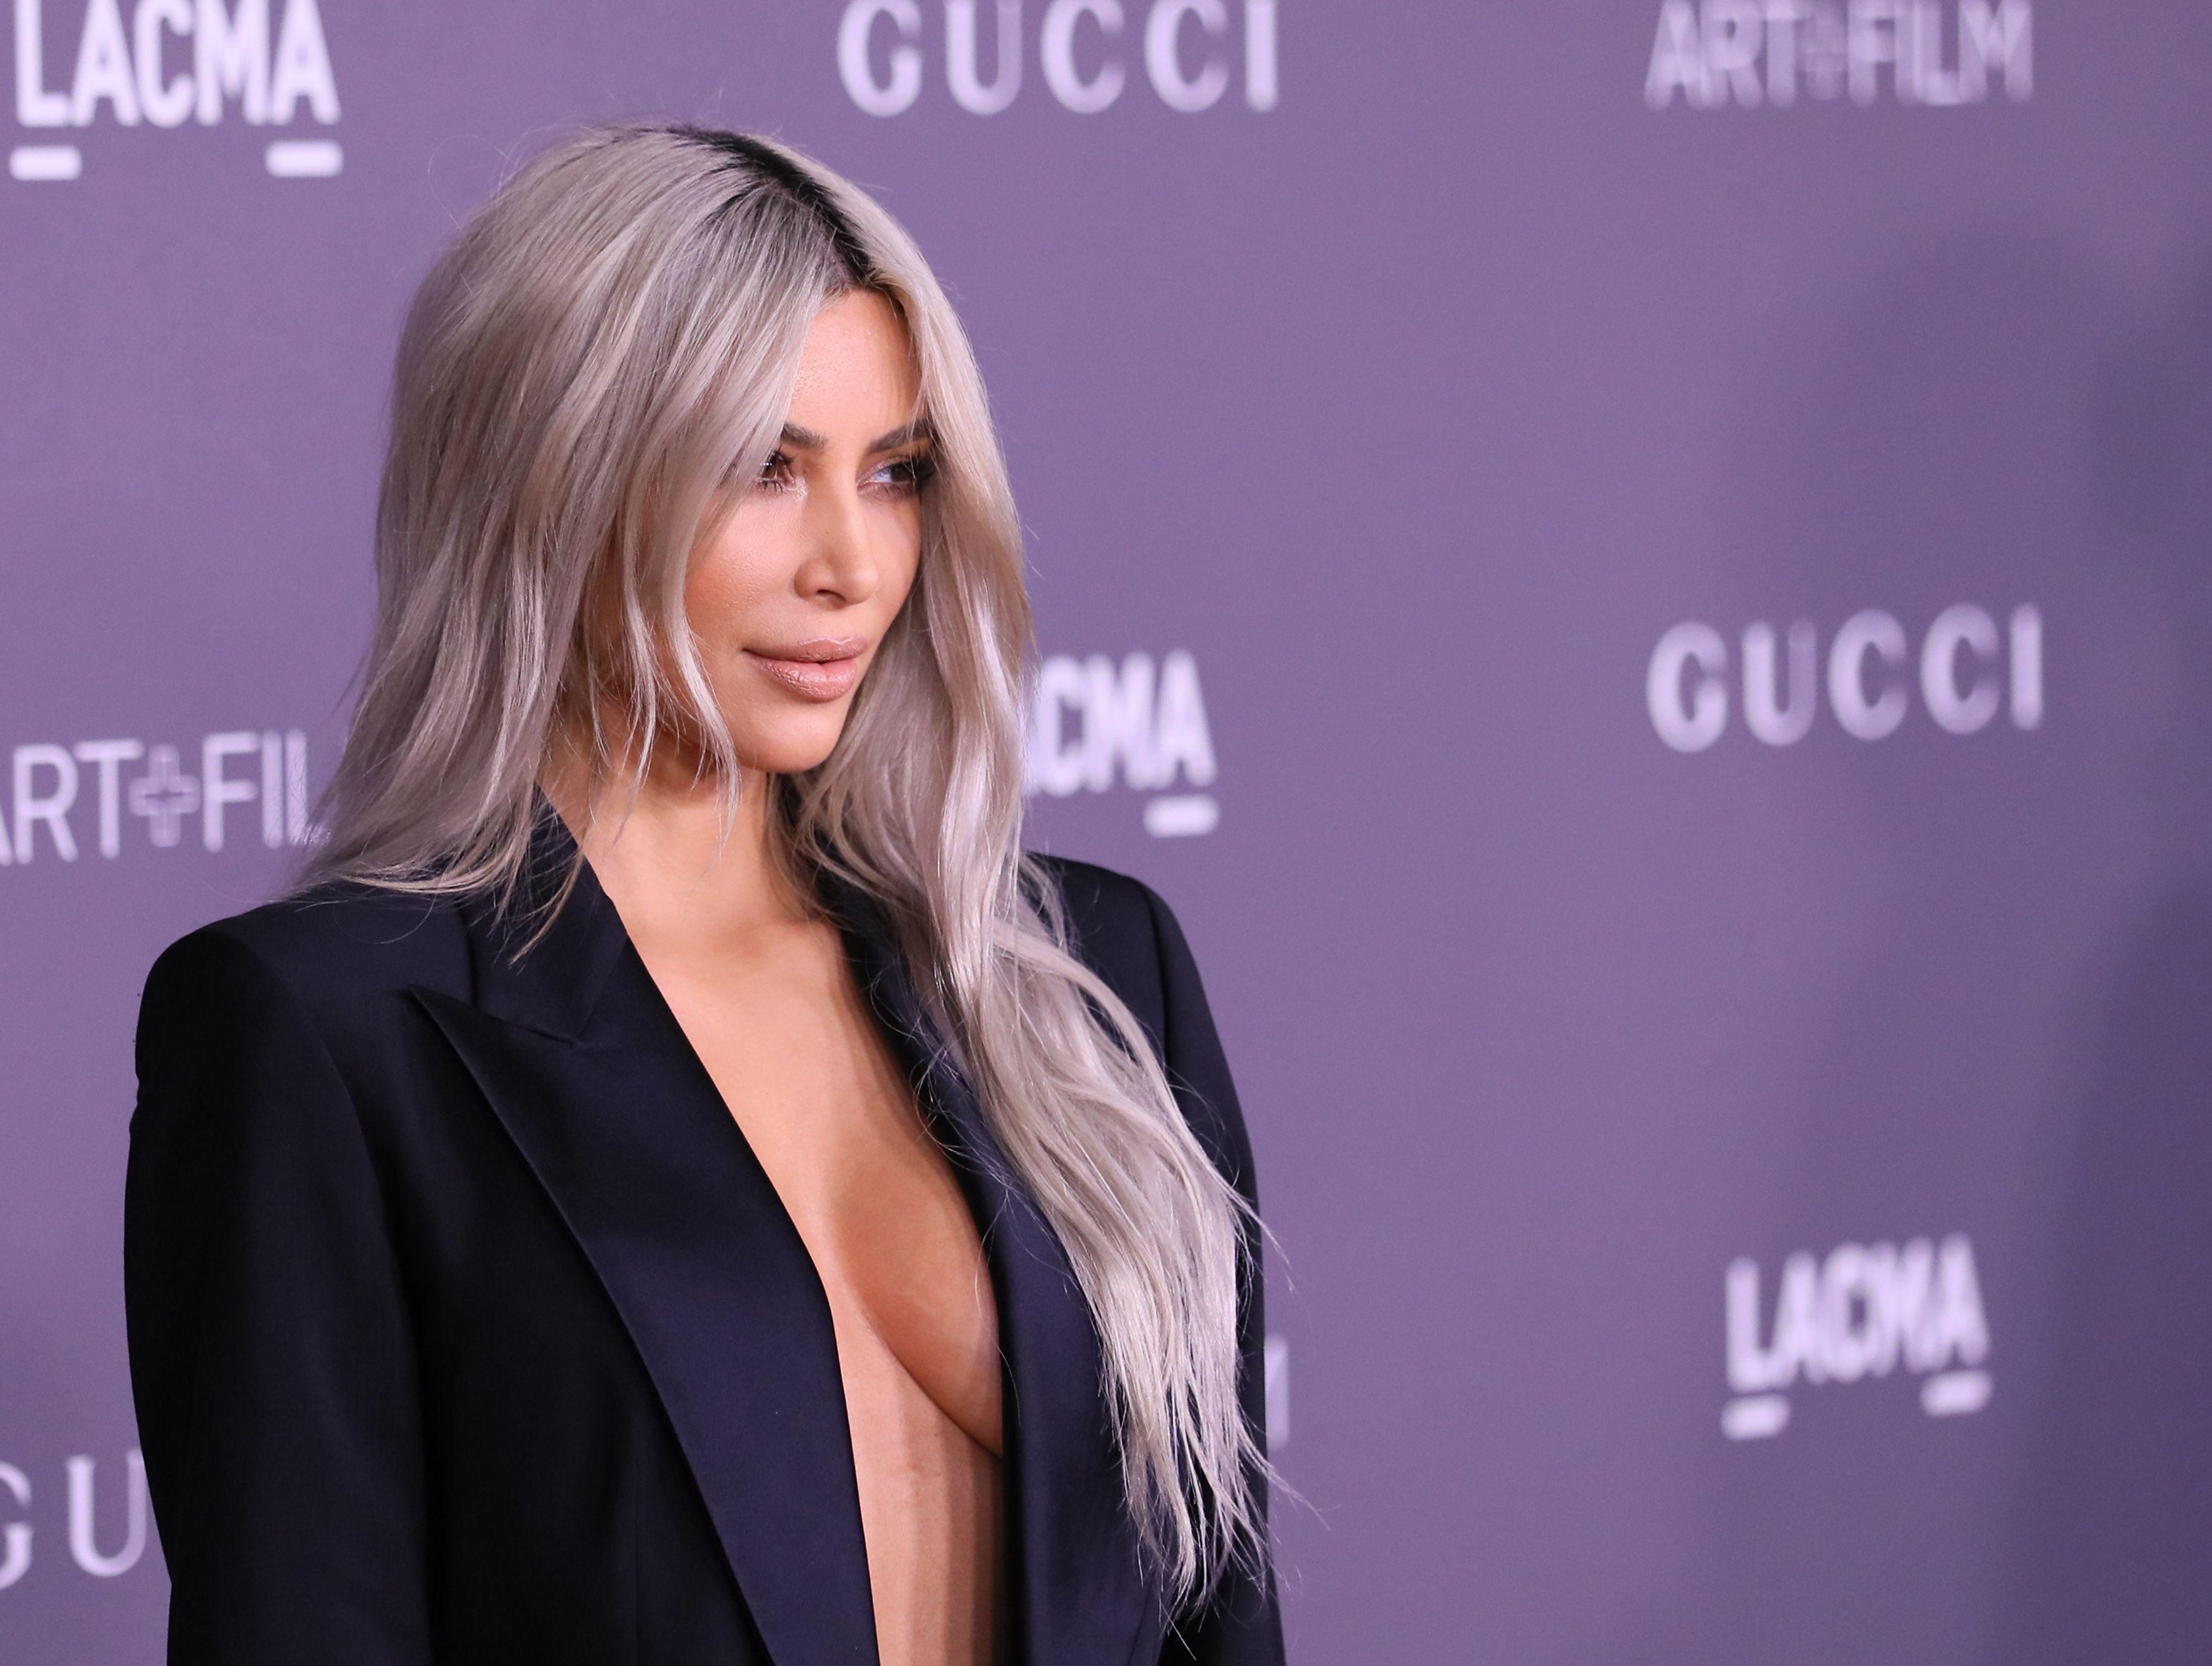 Kim Kardashian Rocks a Gucci Pantsuit Without a Top in L.A.